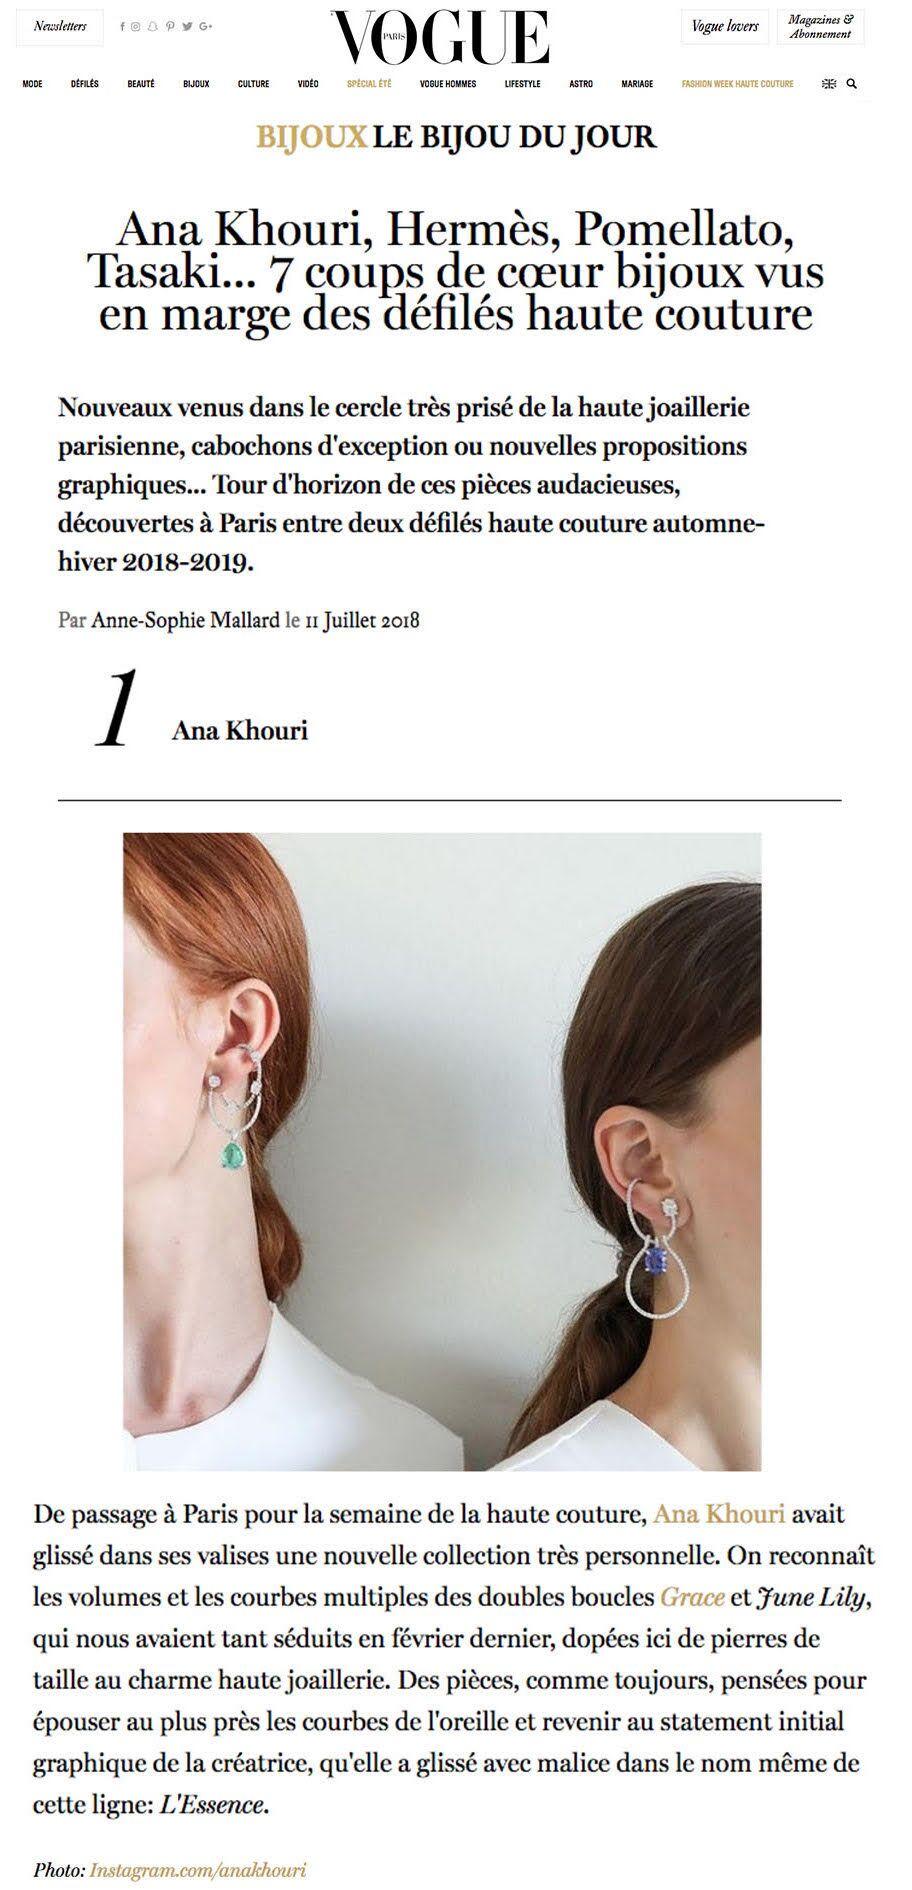 Vogue.fr July 11, 2018 _ Essence Presentation_preview.jpg